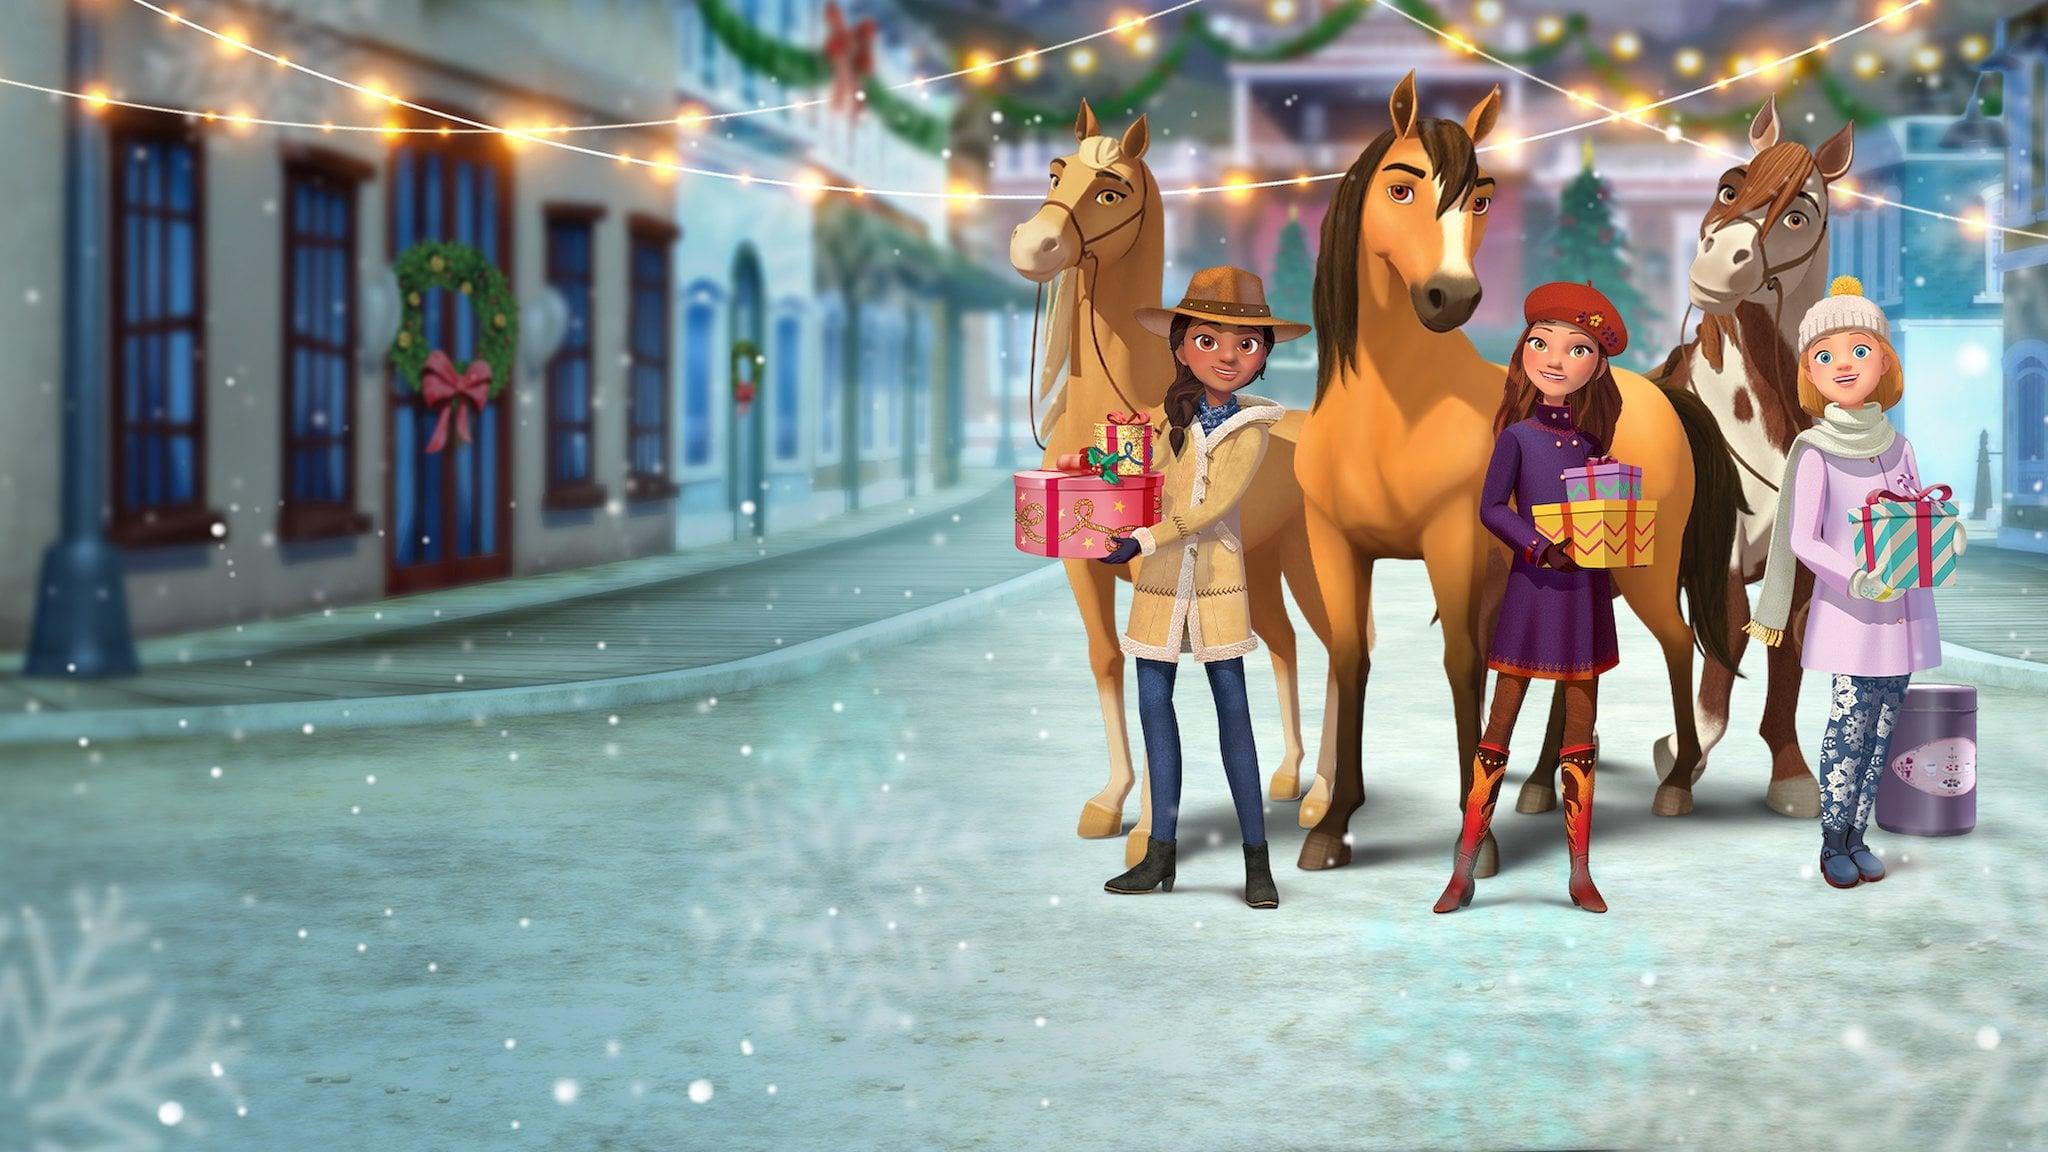 DESCARGAR Spirit Riding Free: Spirit of Christmas (2019) pelicula completa en español latino 720p